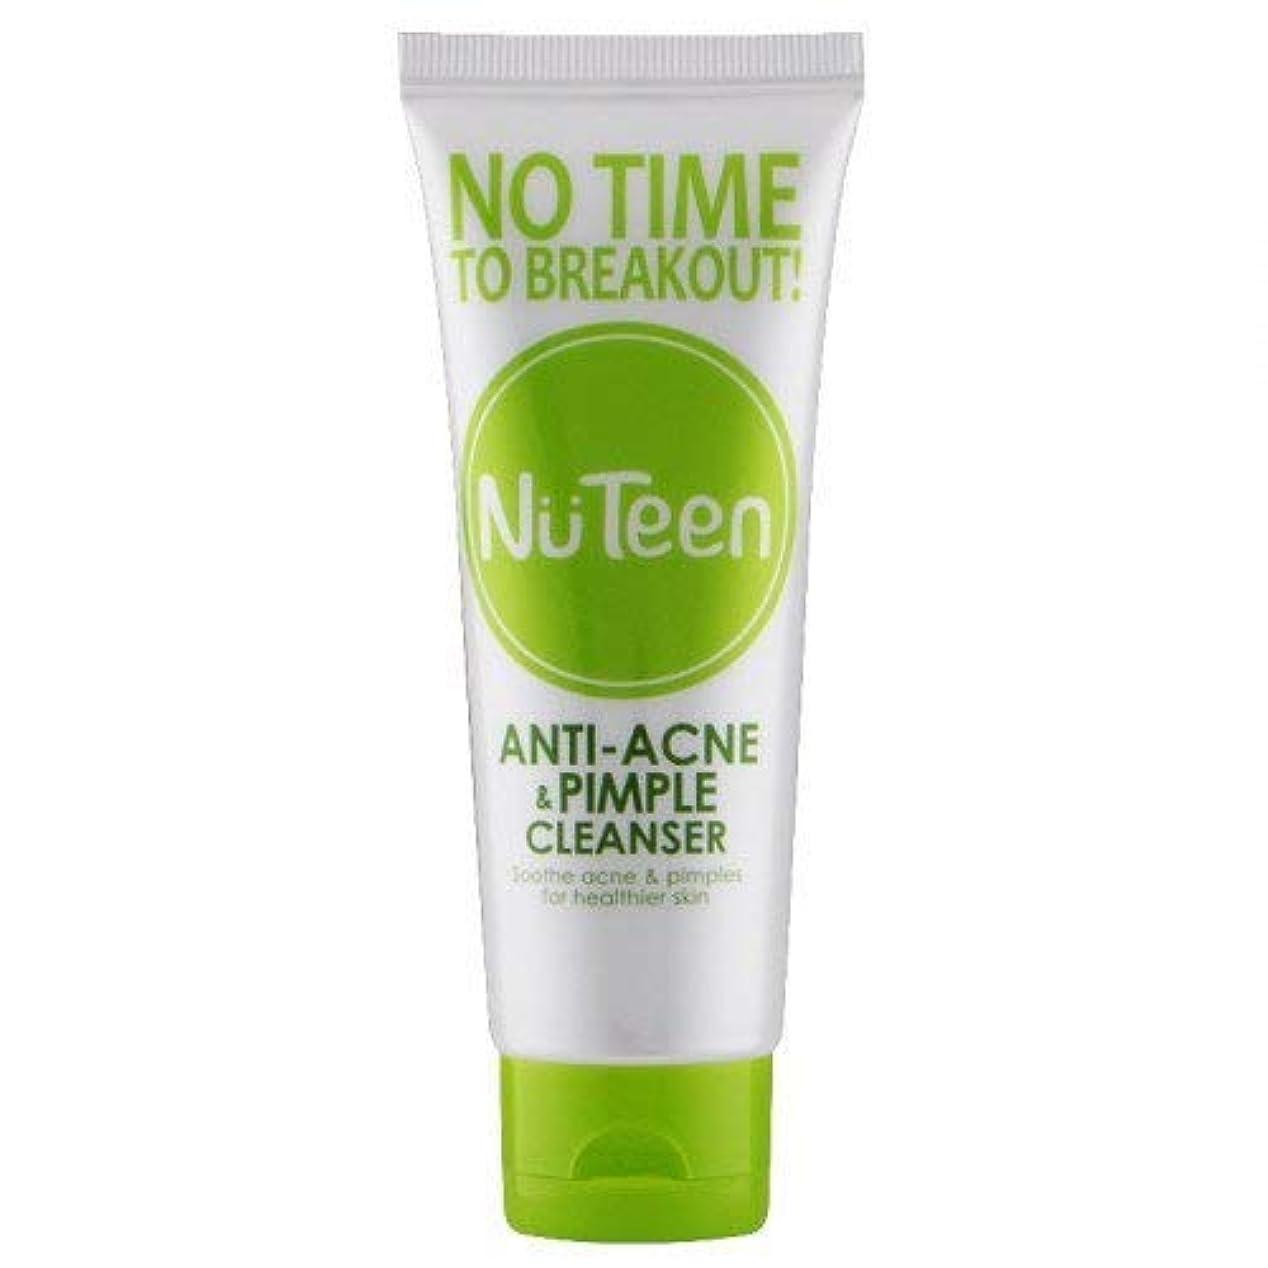 ベックスグレーコークスNuteen 抗ニキビや吹き出物洗顔料は優しく効果的にきれい100g-乾燥せずに余分な油や汚れを取り除きます